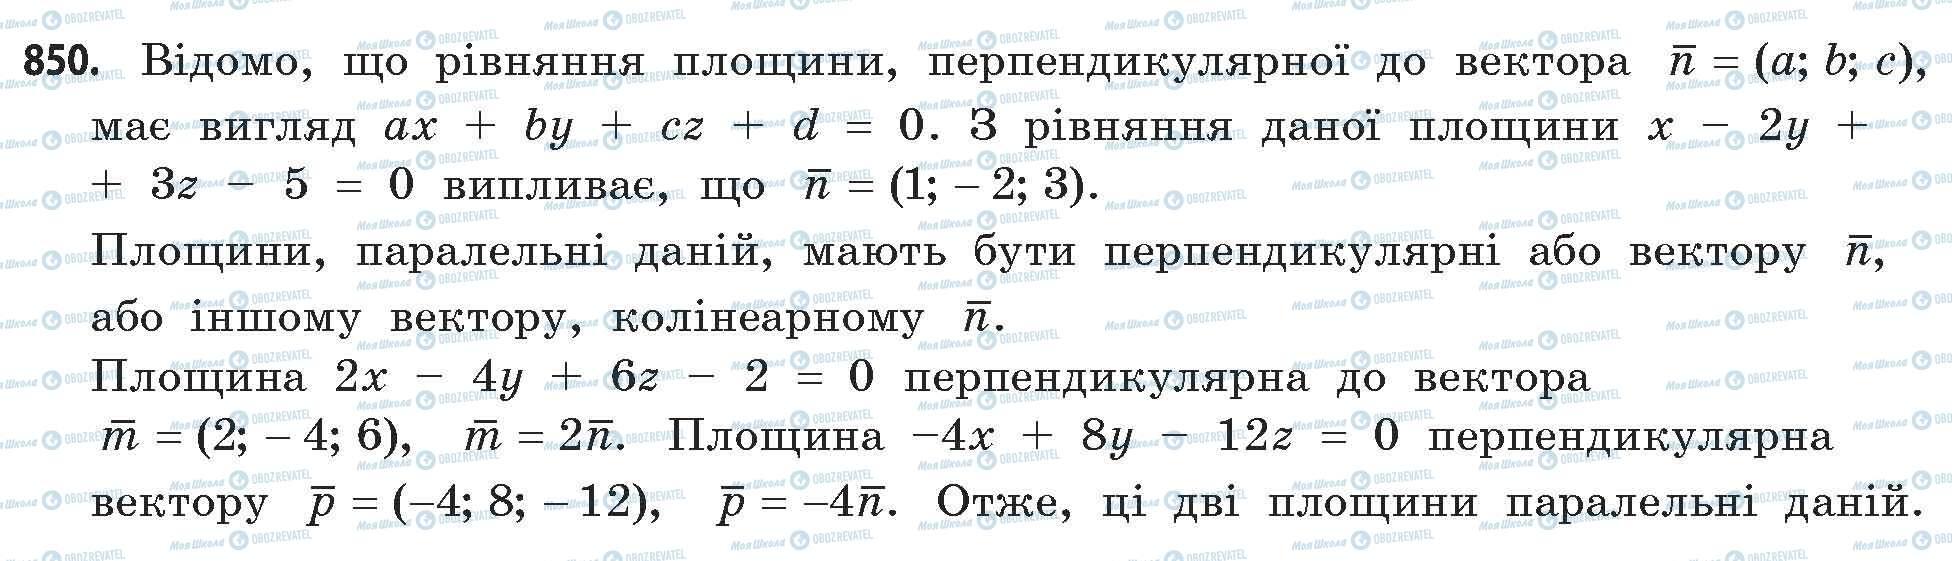 ГДЗ Математика 11 класс страница 850